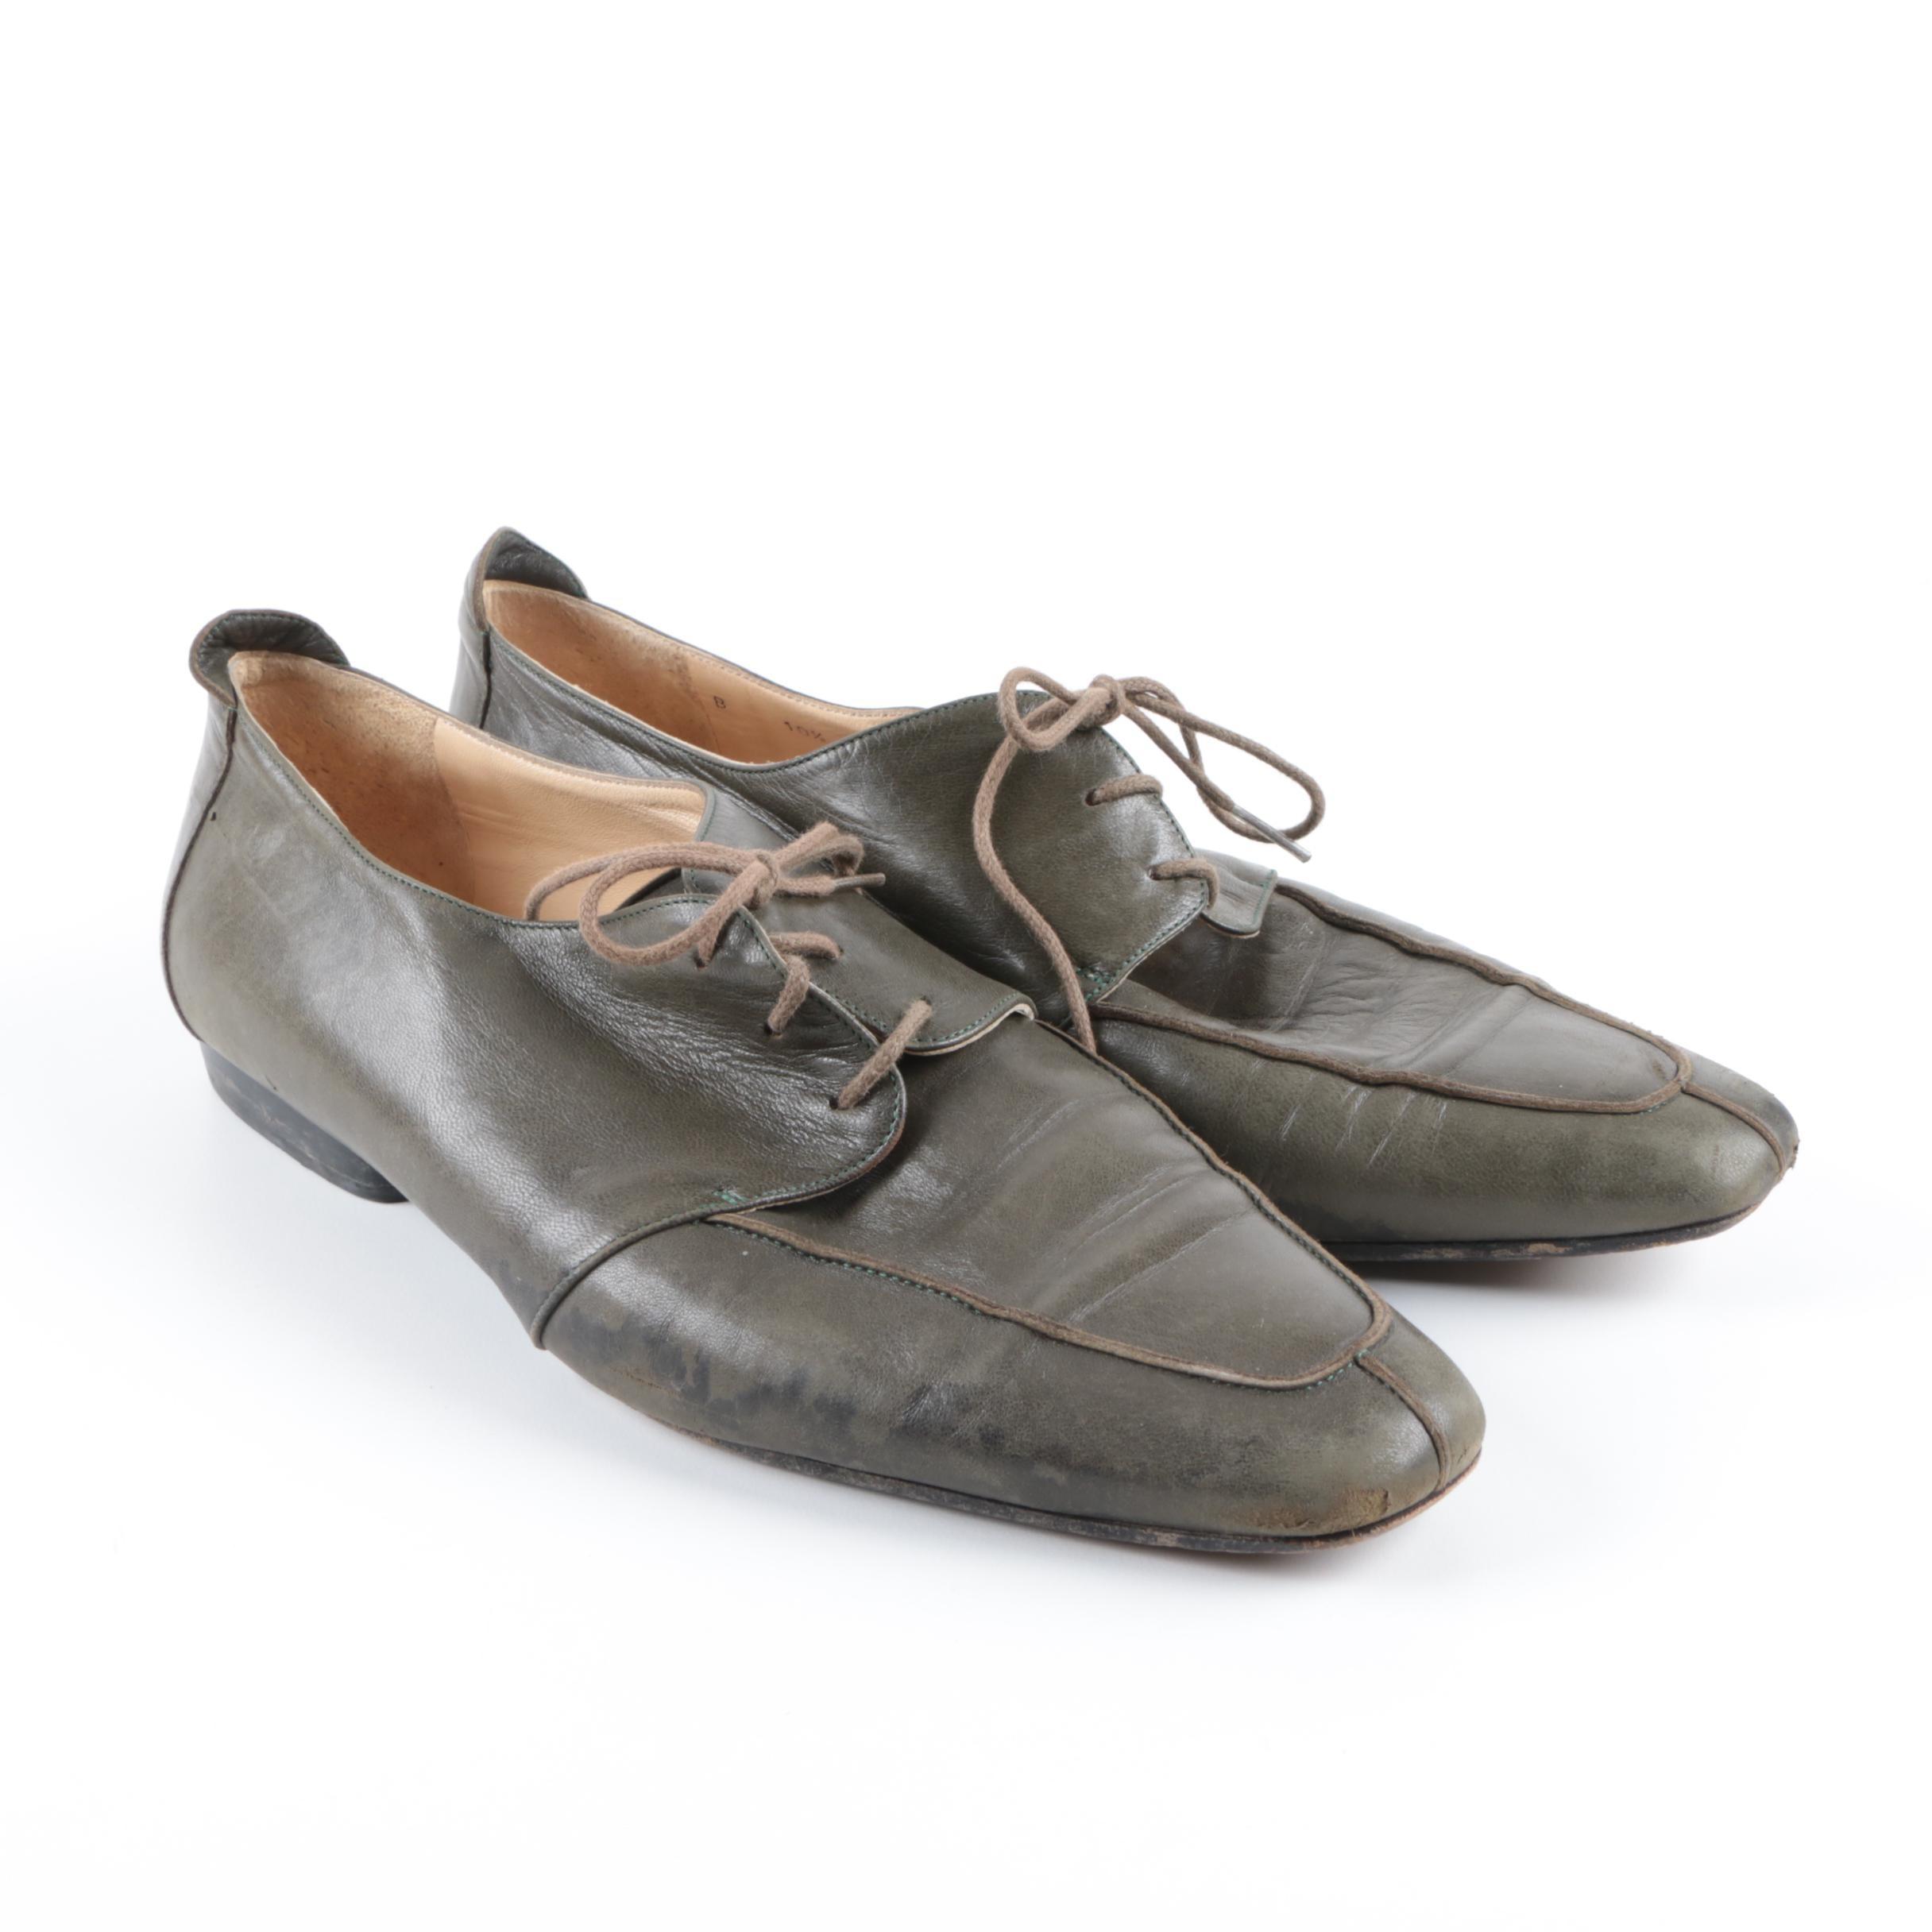 Men's Vintage Bruno Magli Olive Green Leather Shoes